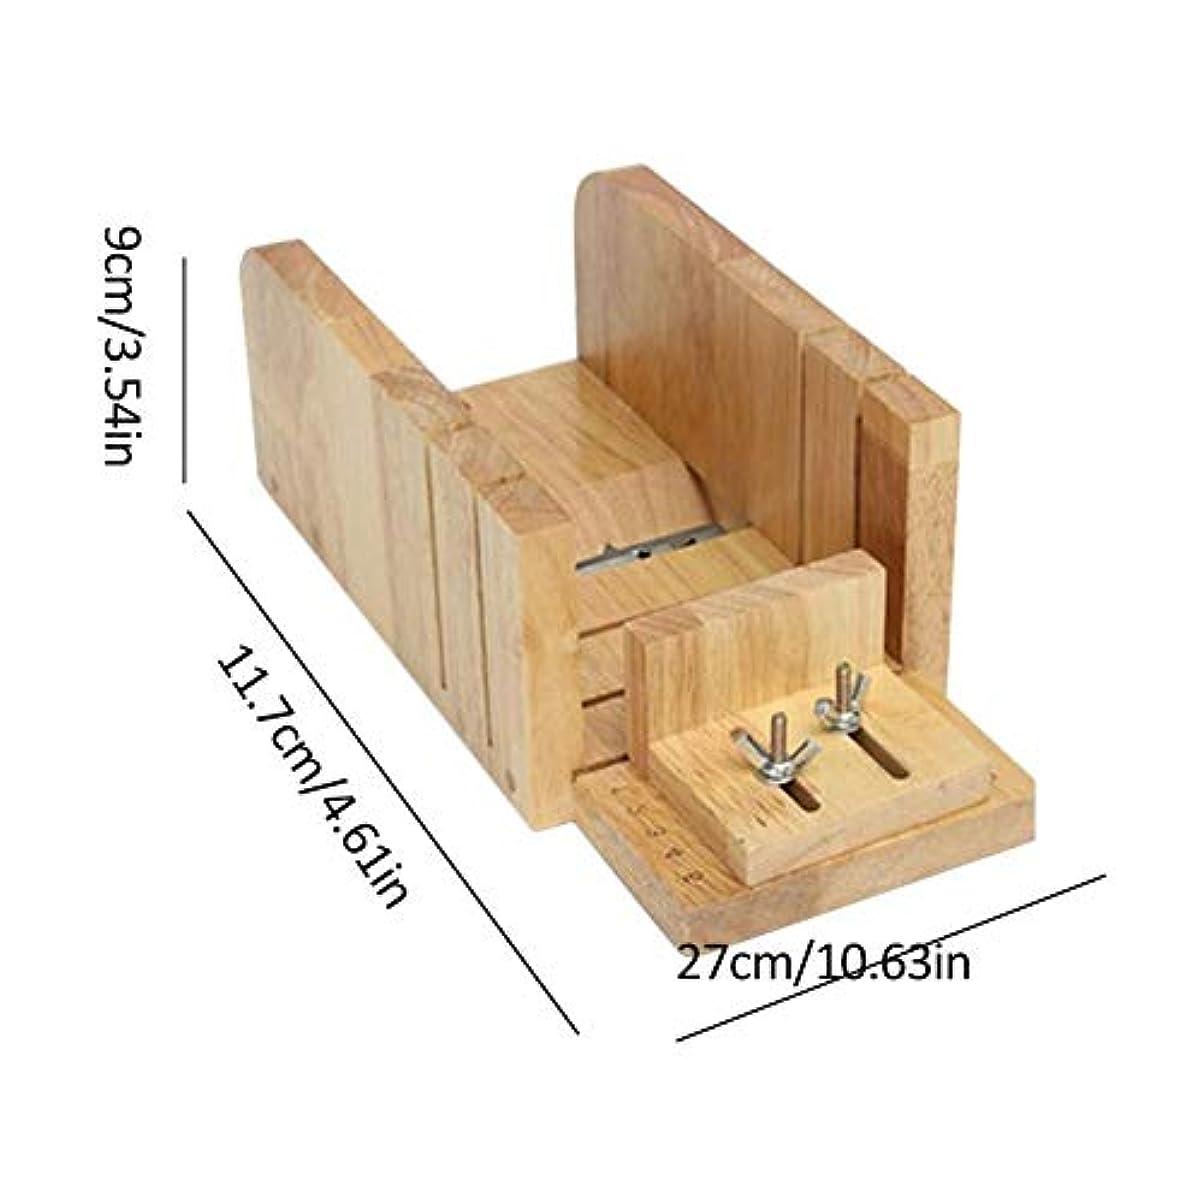 シフトますます黙認する3点セット ソープカッター 石けん金型ソープロープ カッター 木製 カッター ツールDIY 手作り 木製ボックス松木製 ストレートソープ包丁 ナイフ モールドソープ調整可能レトロ